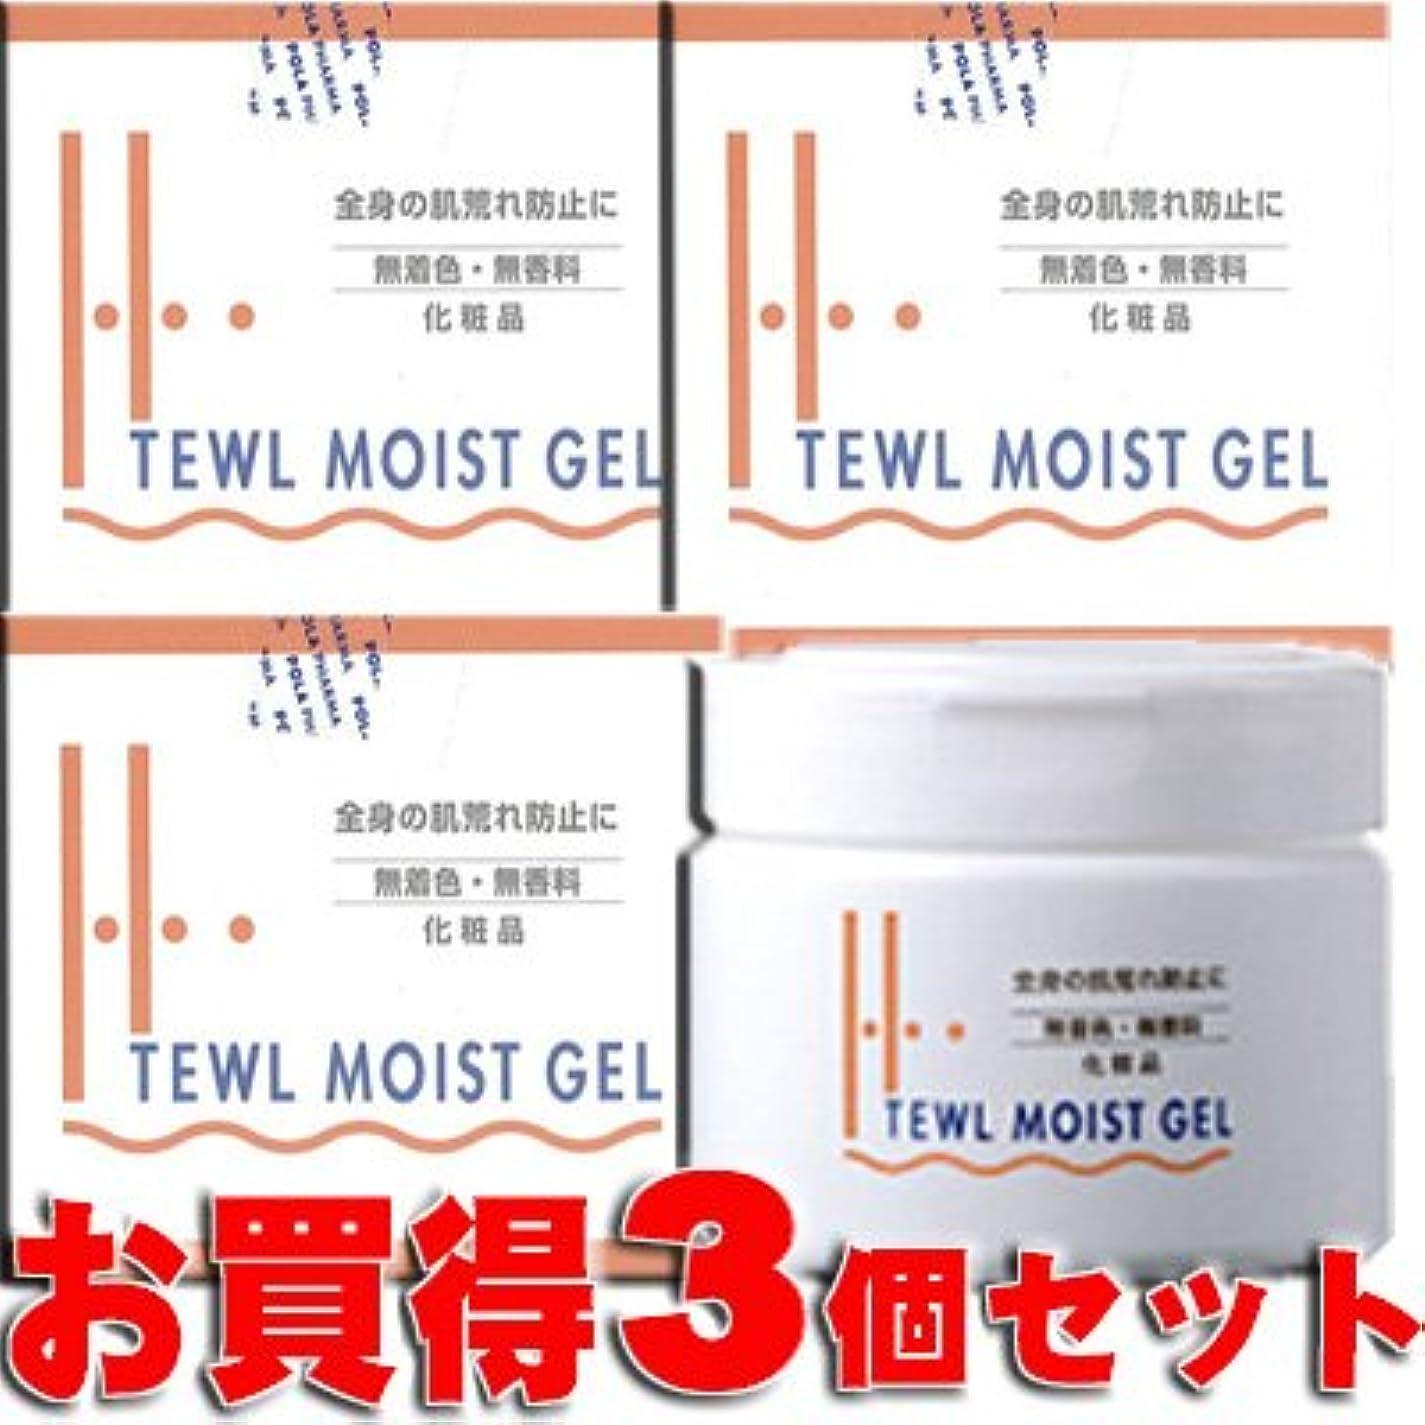 意図的再生不格好★お買得3個★ ハイテウル モイストジェル 300gx3個 (ポーラファルマ)エタノールや界面活性剤に敏感な方へおすすめするゲルクリームです。